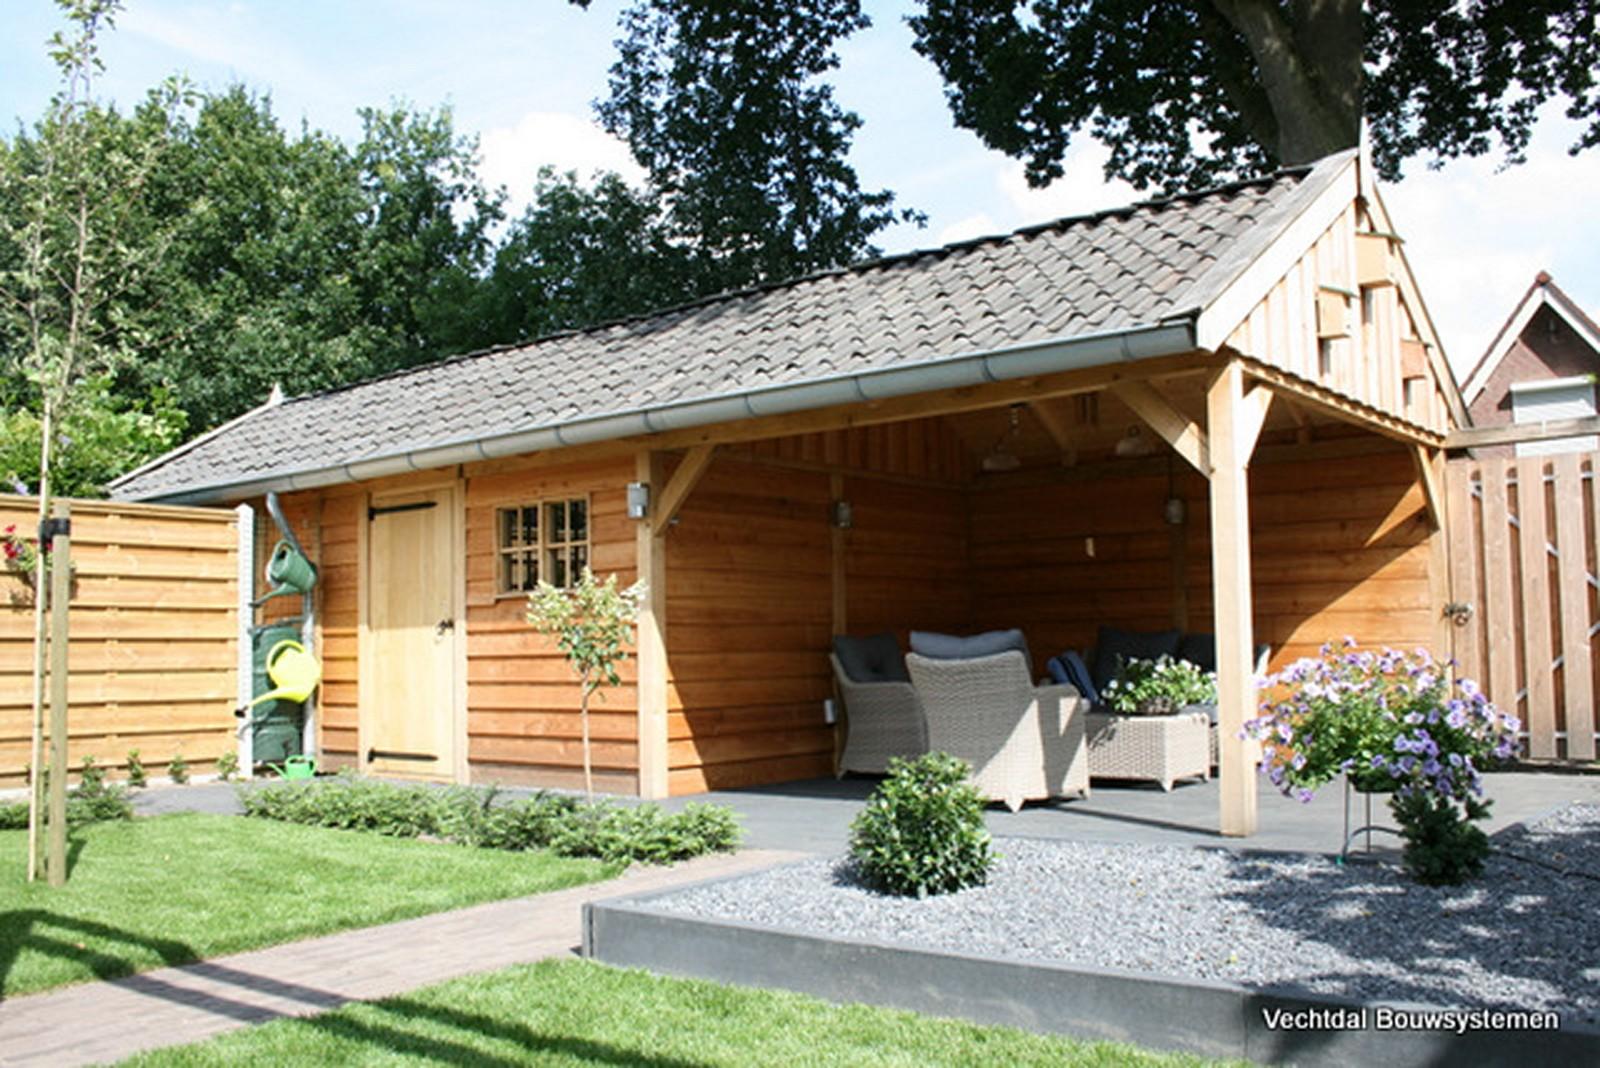 eiken_tuinhuis_1 - Stijlvolle eikenhouten tuinhuizen, bijgebouwen, kapschuren, veranda's en overkappingen.